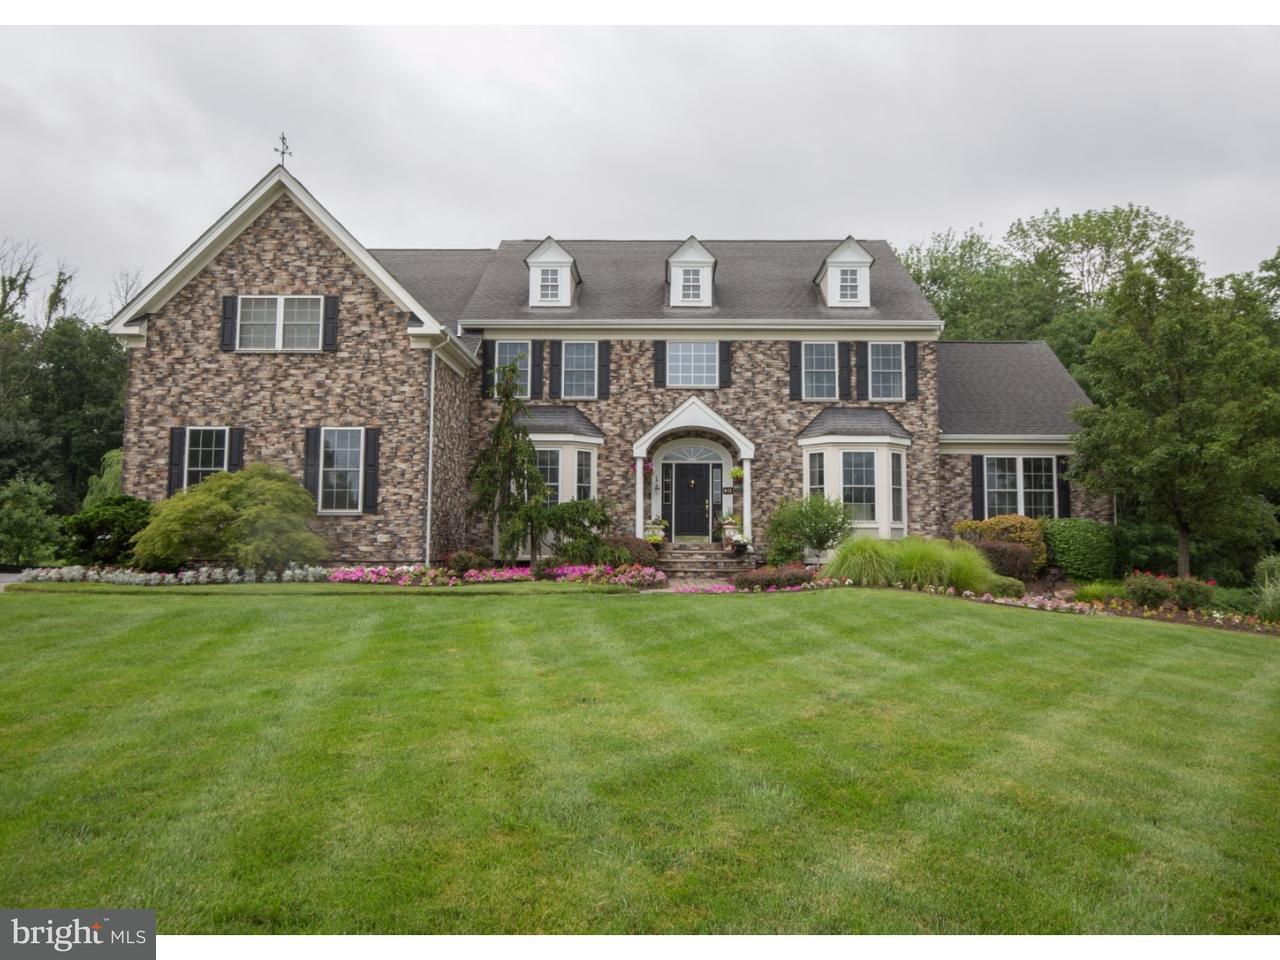 独户住宅 为 销售 在 31 SIENNA Circle Ivyland, 宾夕法尼亚州 18974 美国